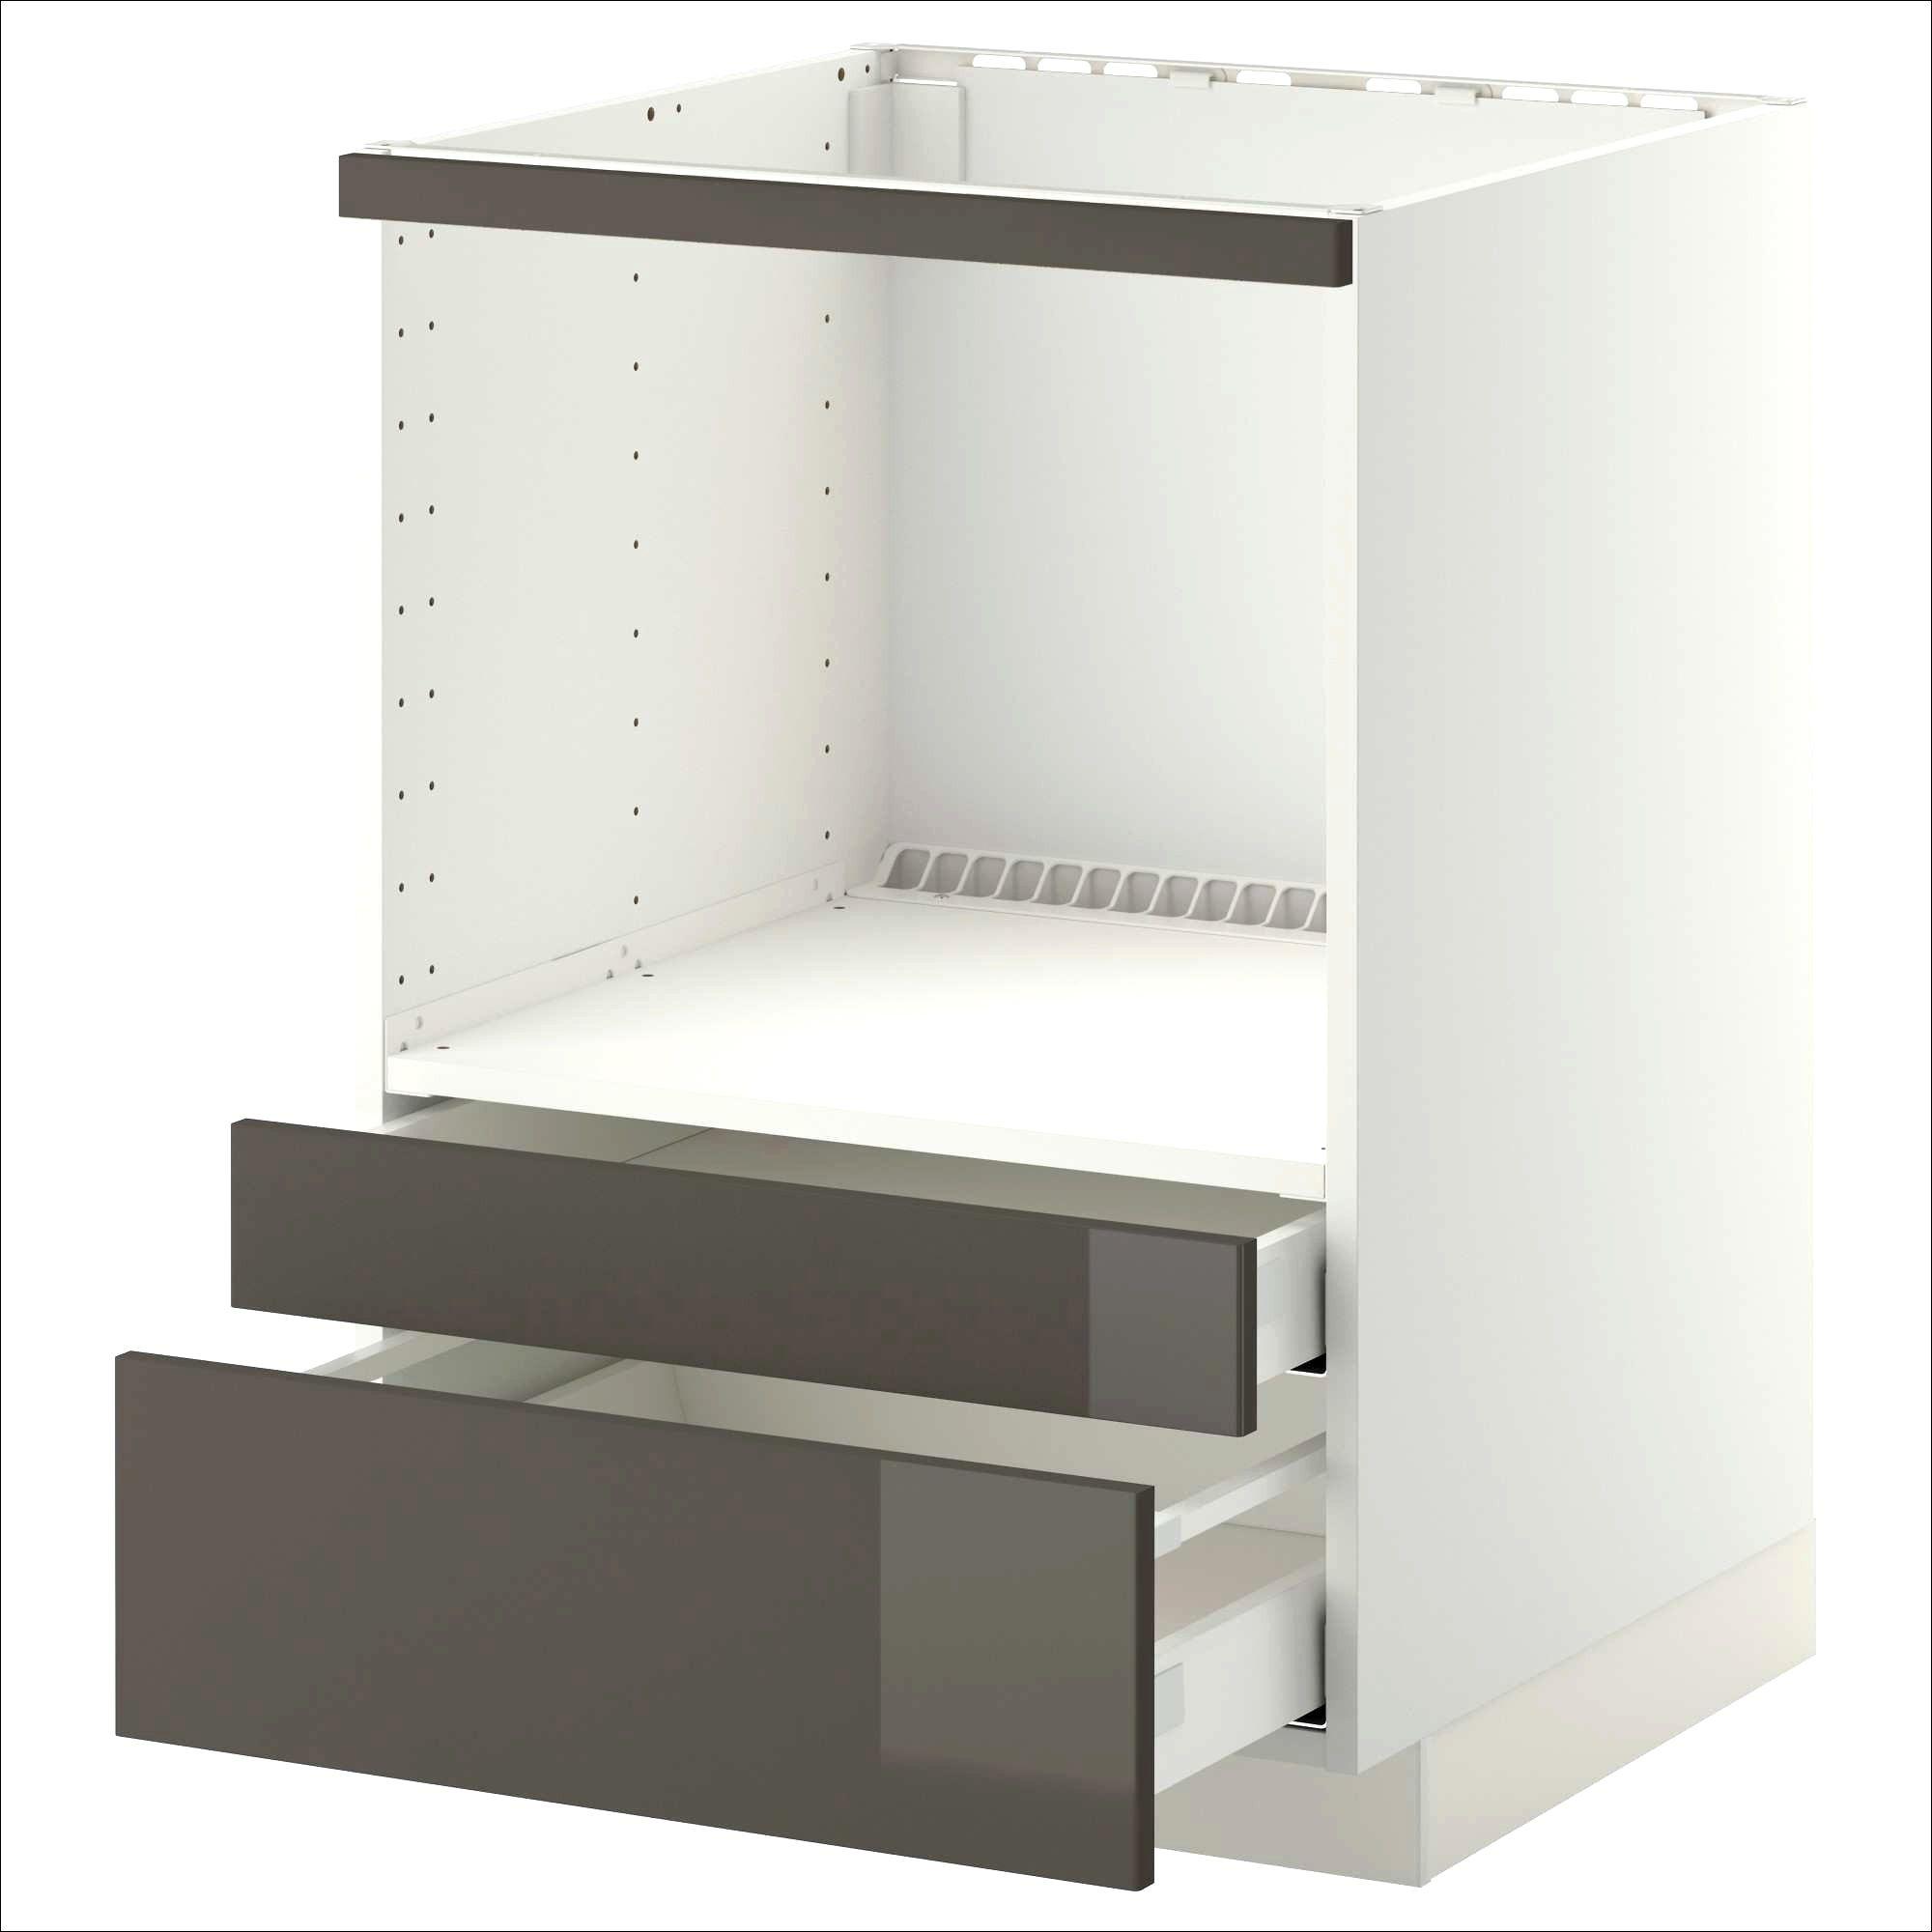 Meuble Micro Onde Ikea Gallery En 2020 Meuble Dossier Suspendu Meuble Cuisine Mobilier De Salon